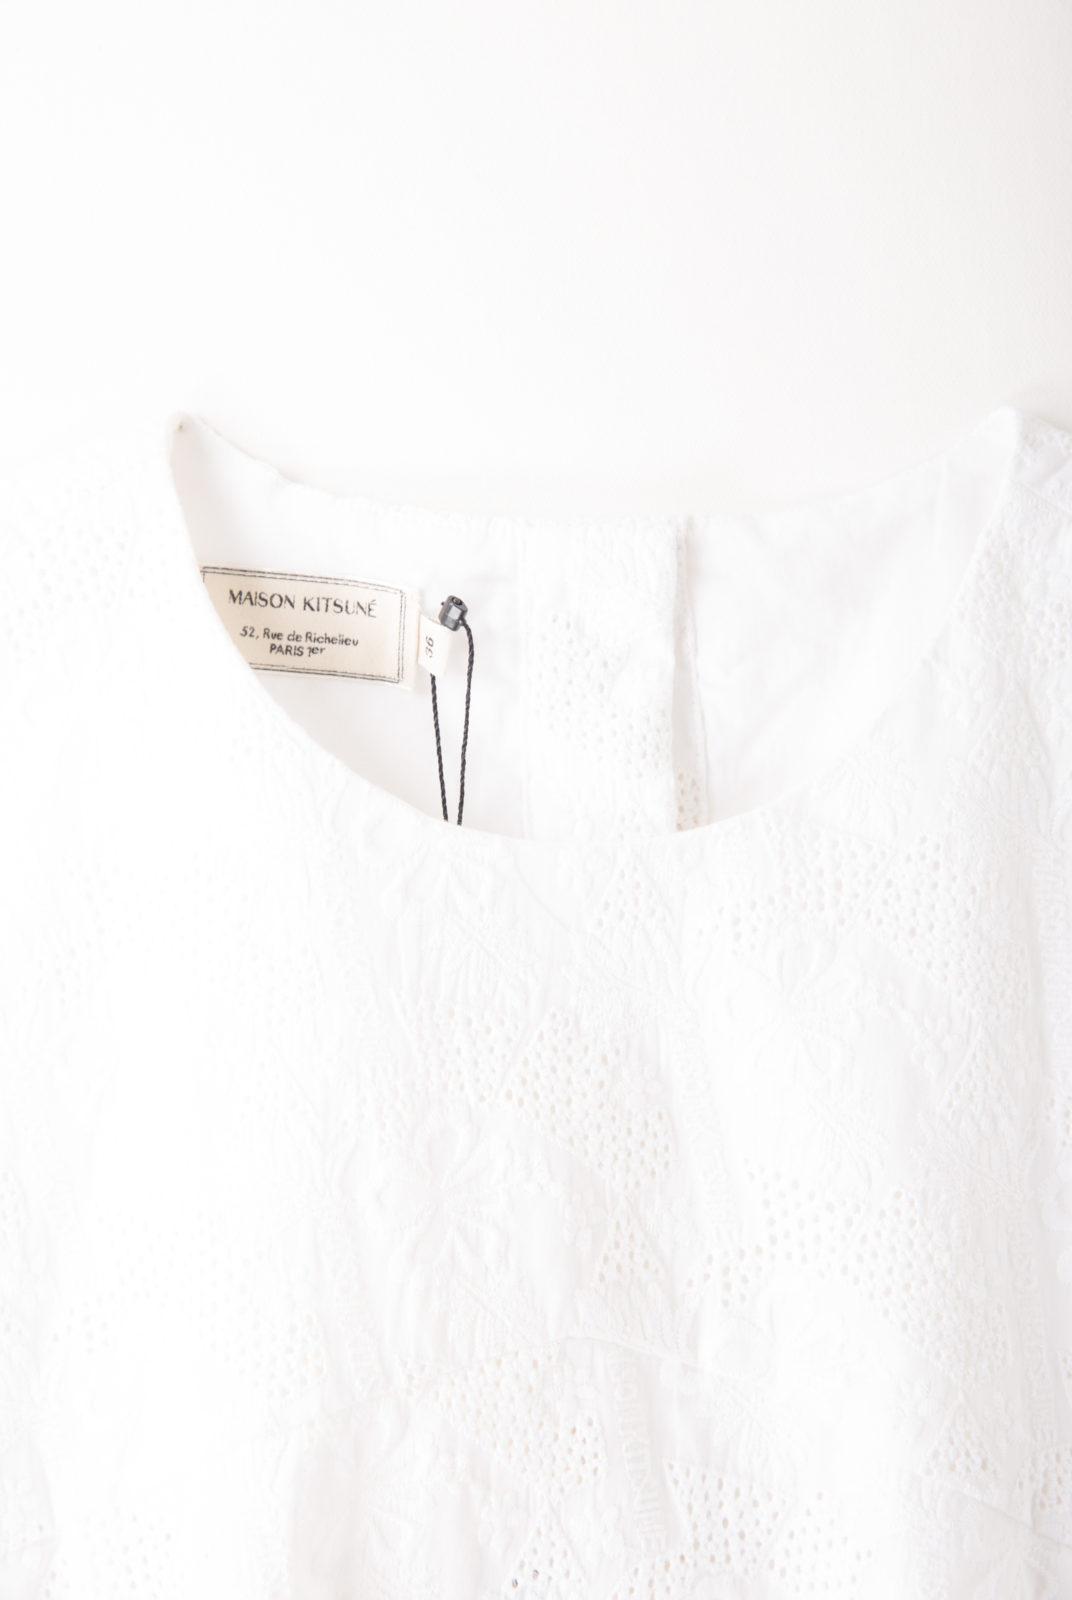 top, blanc, broderie floral, encolure arrondie, manche courte, maison kitsuné